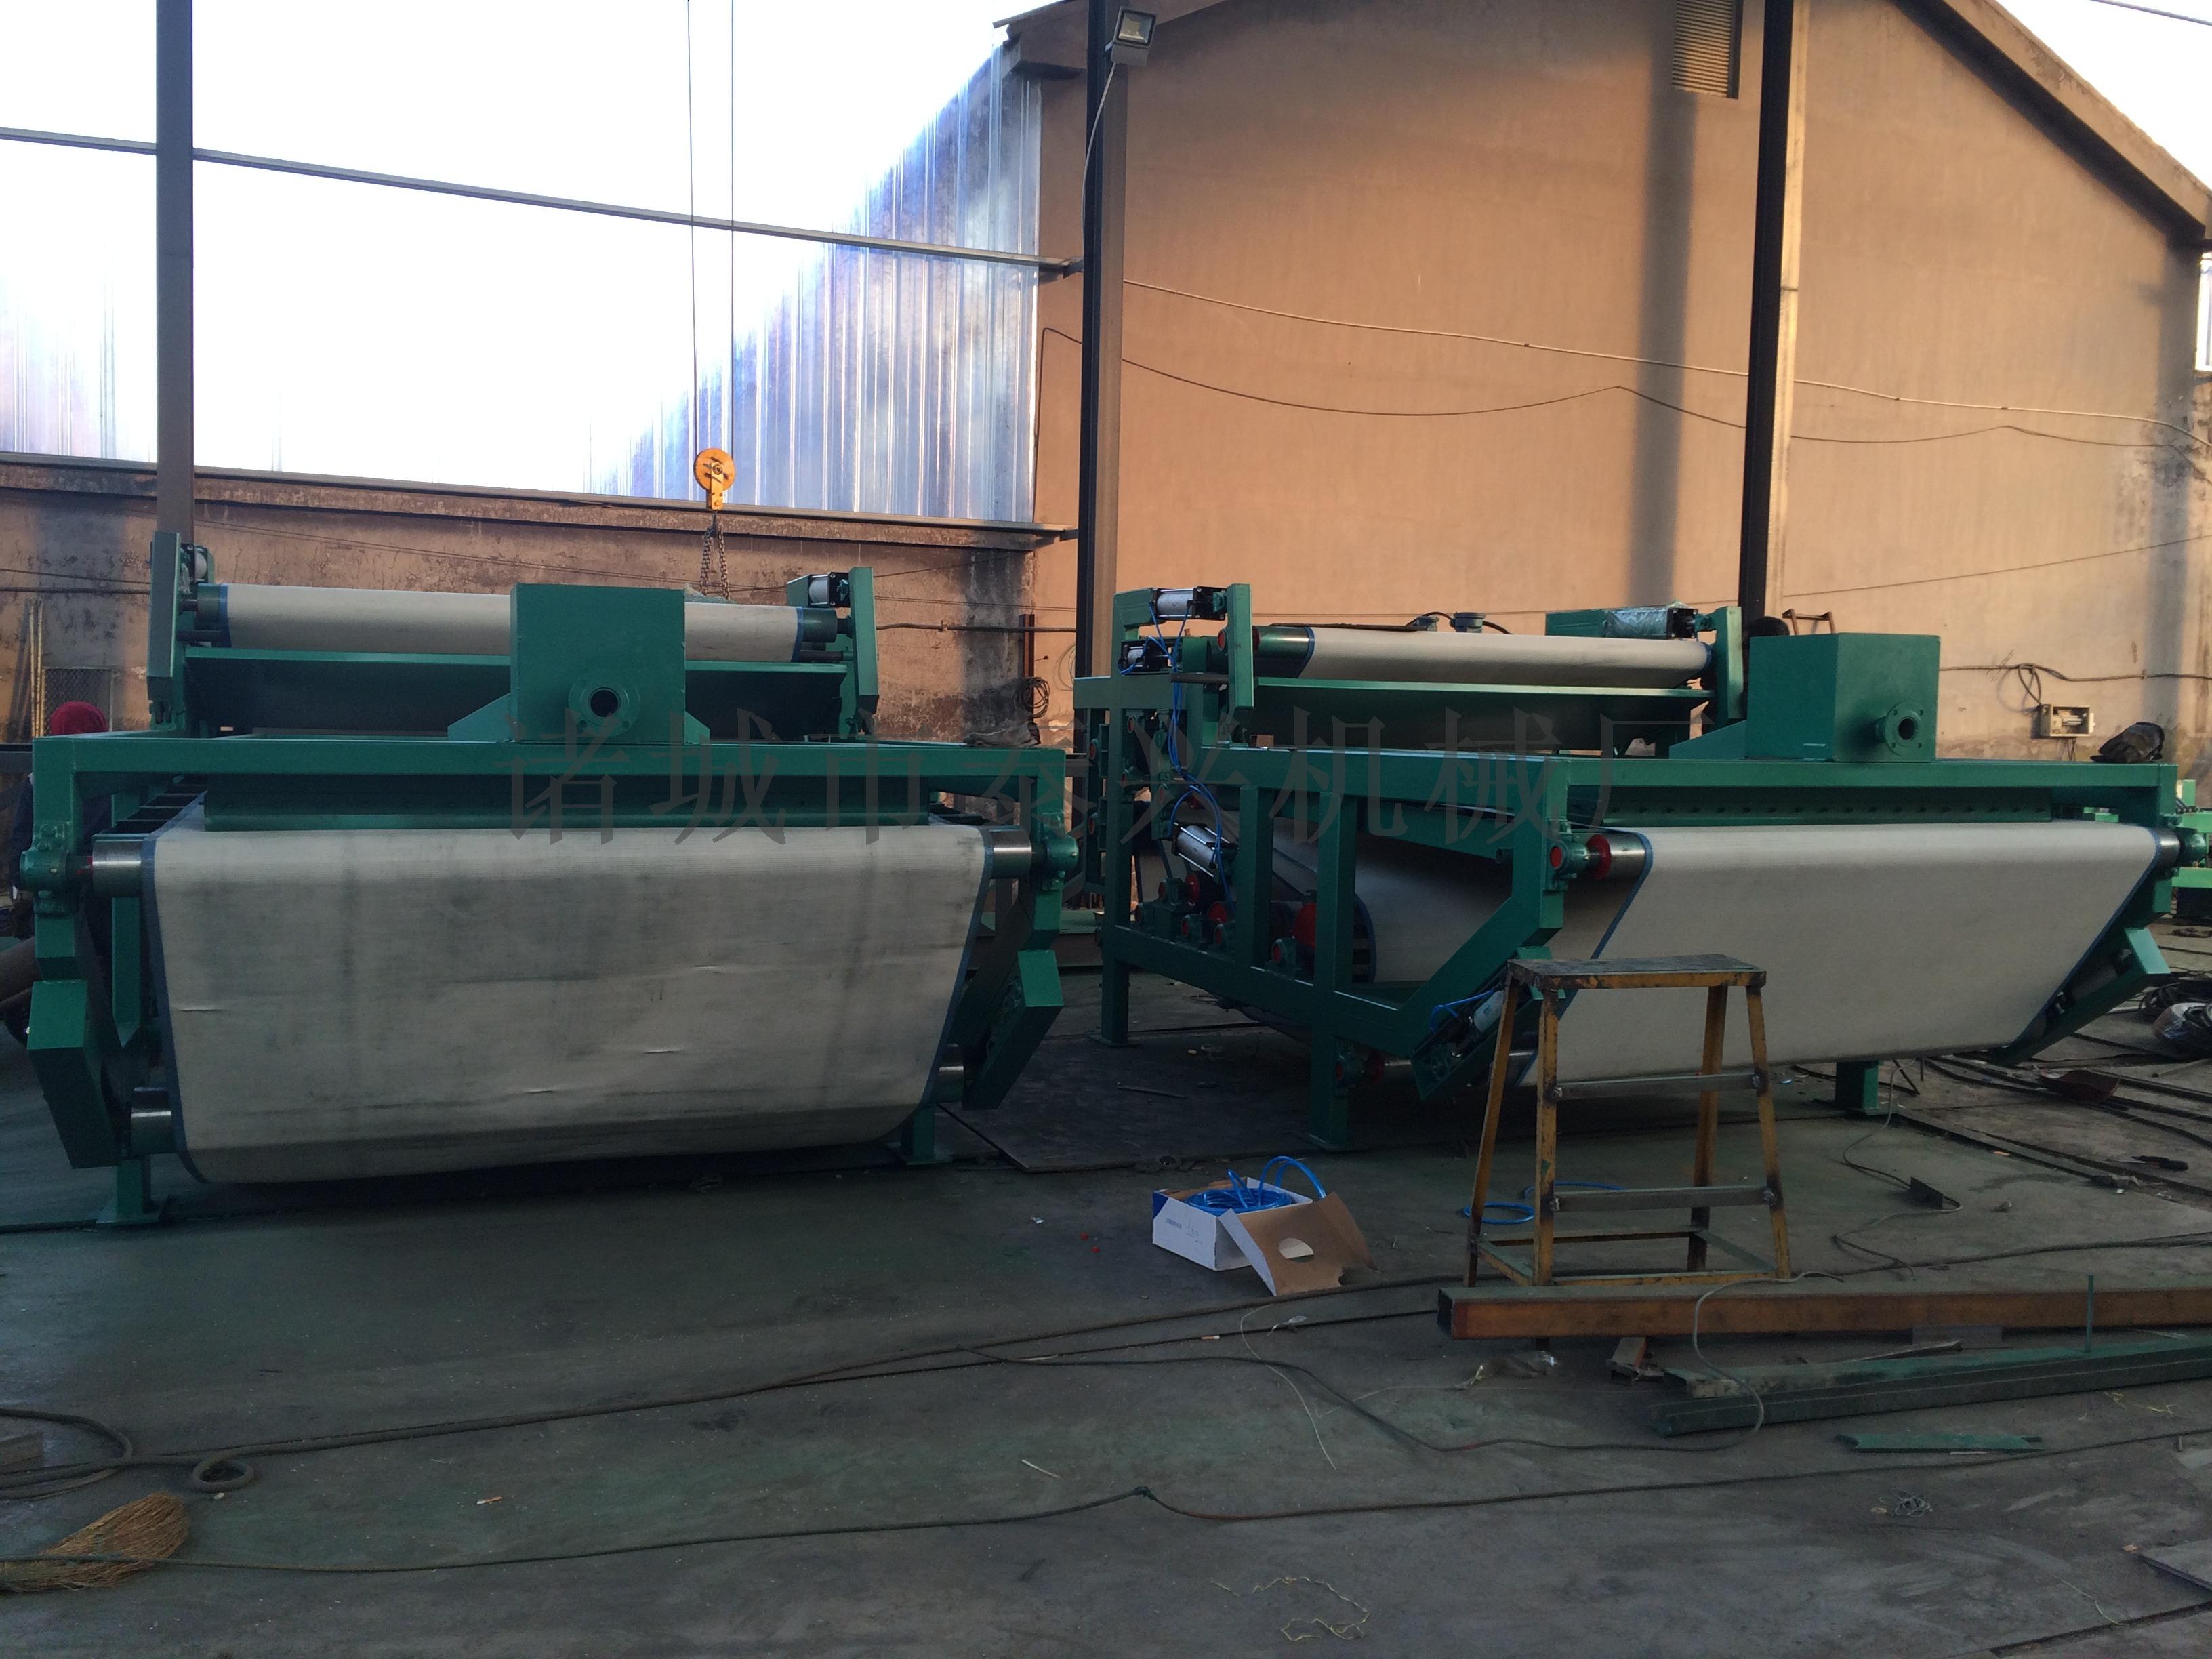 供应100方洗沙污泥脱水机 浓缩带式污泥脱水机59446612